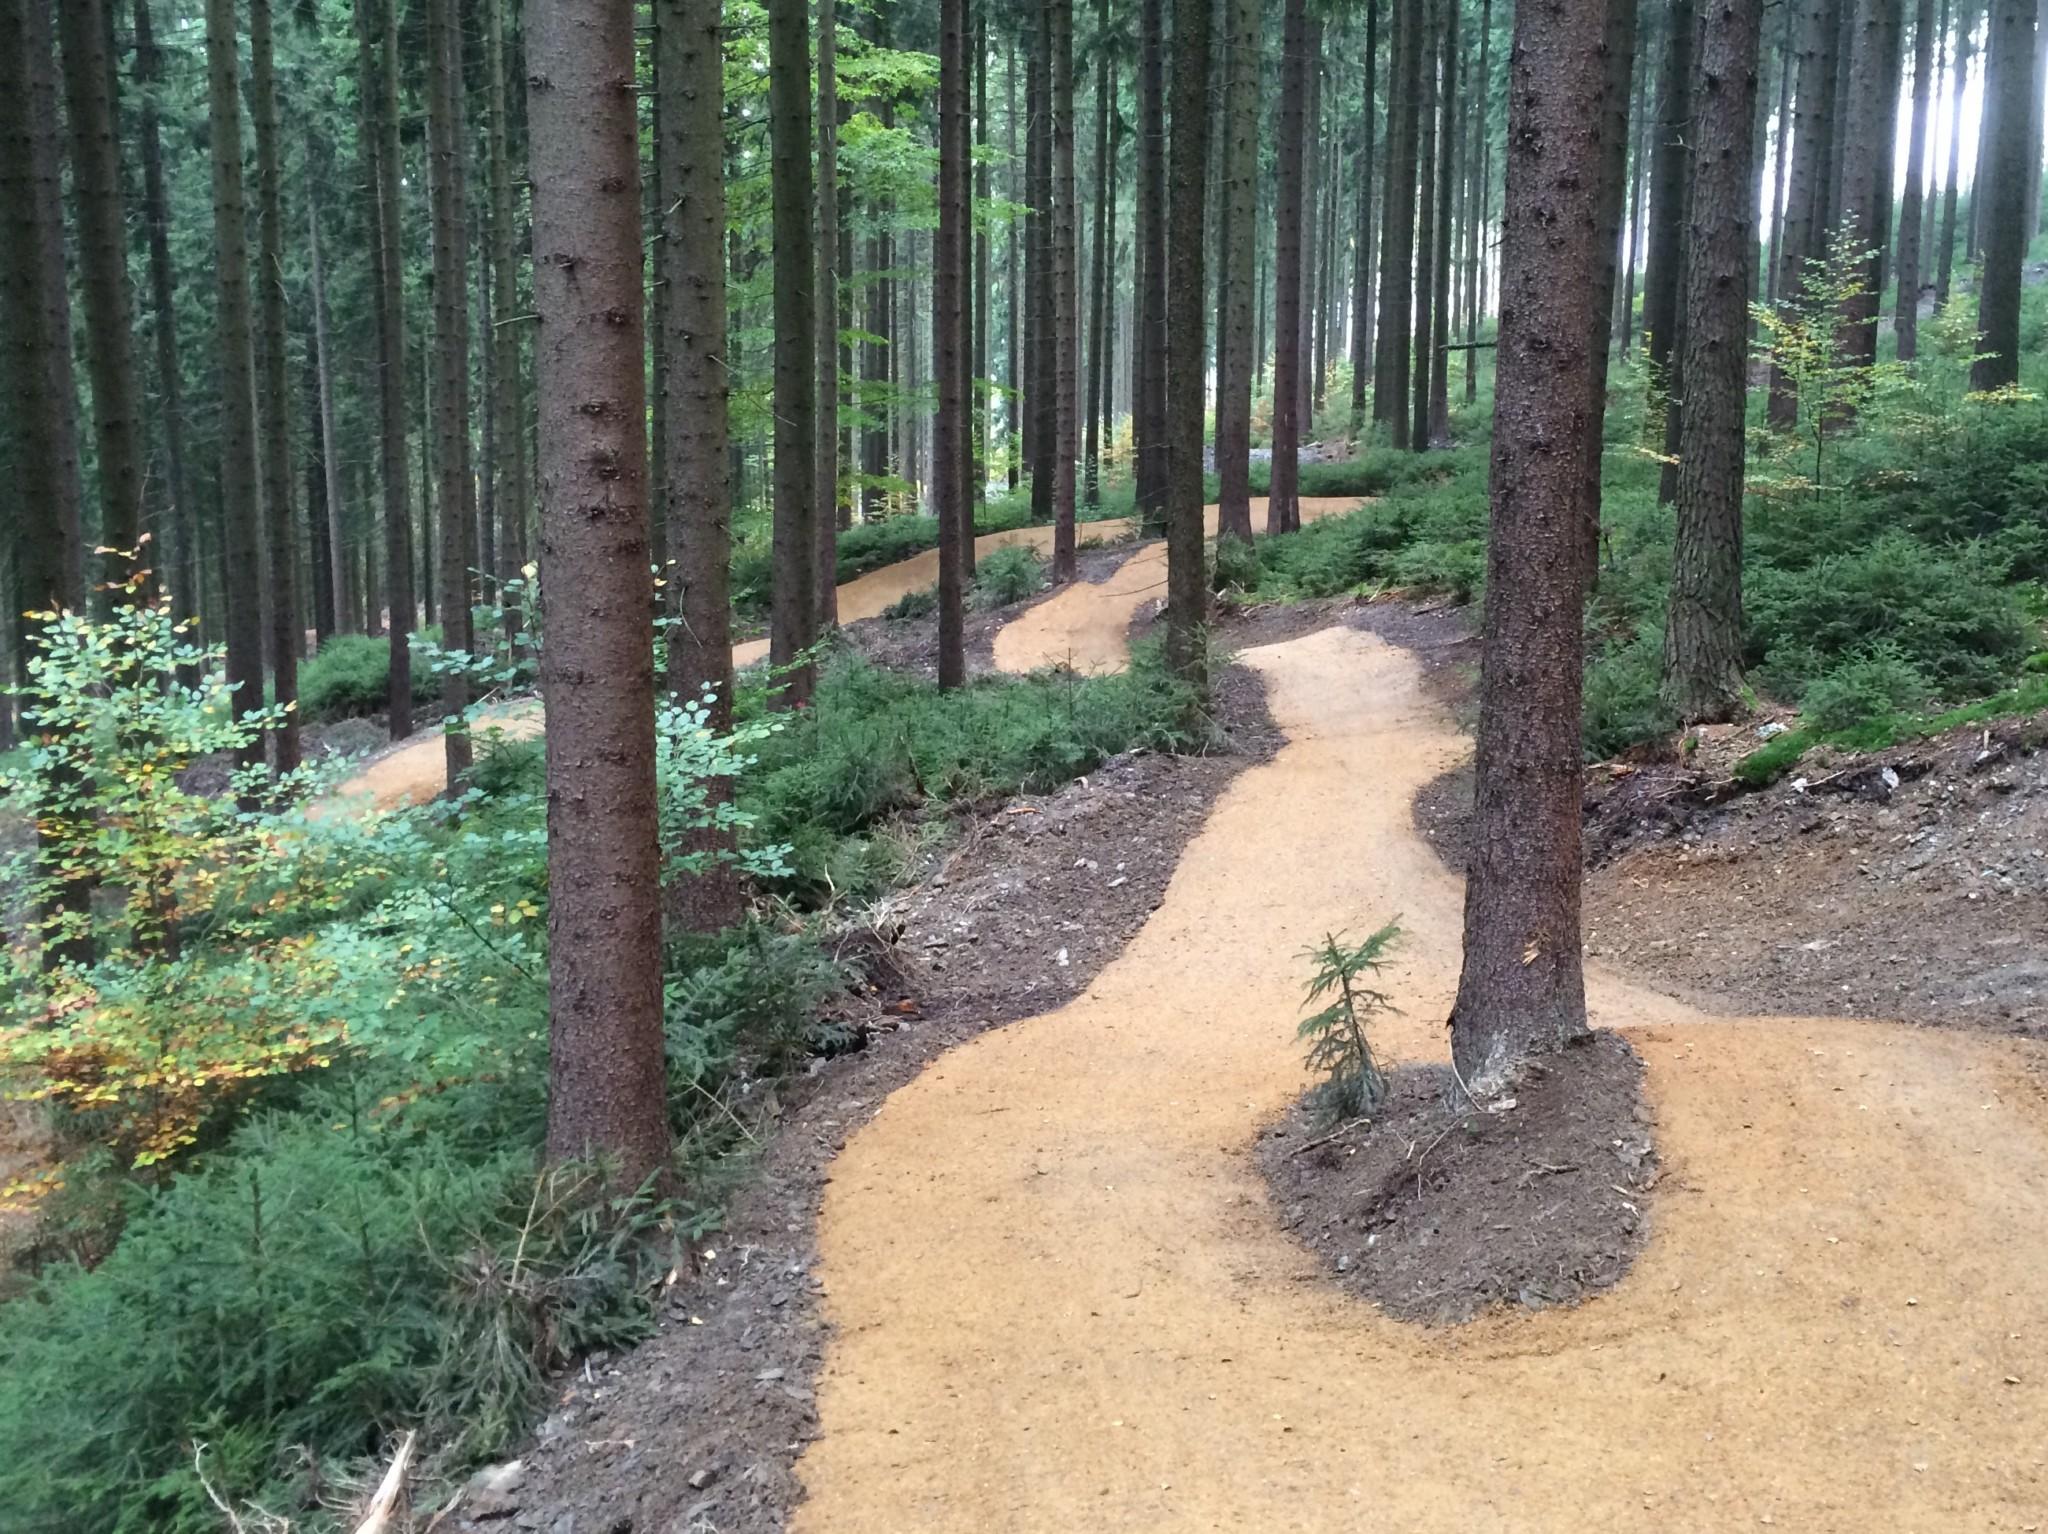 Eingebettet in die Natur soll auf dem Kornberg ein 10 km langer Trail entstehen, ähnlich dem der Bikewelt Schöneck (Fotoquelle: Schneestern GmbH & Co. KG)